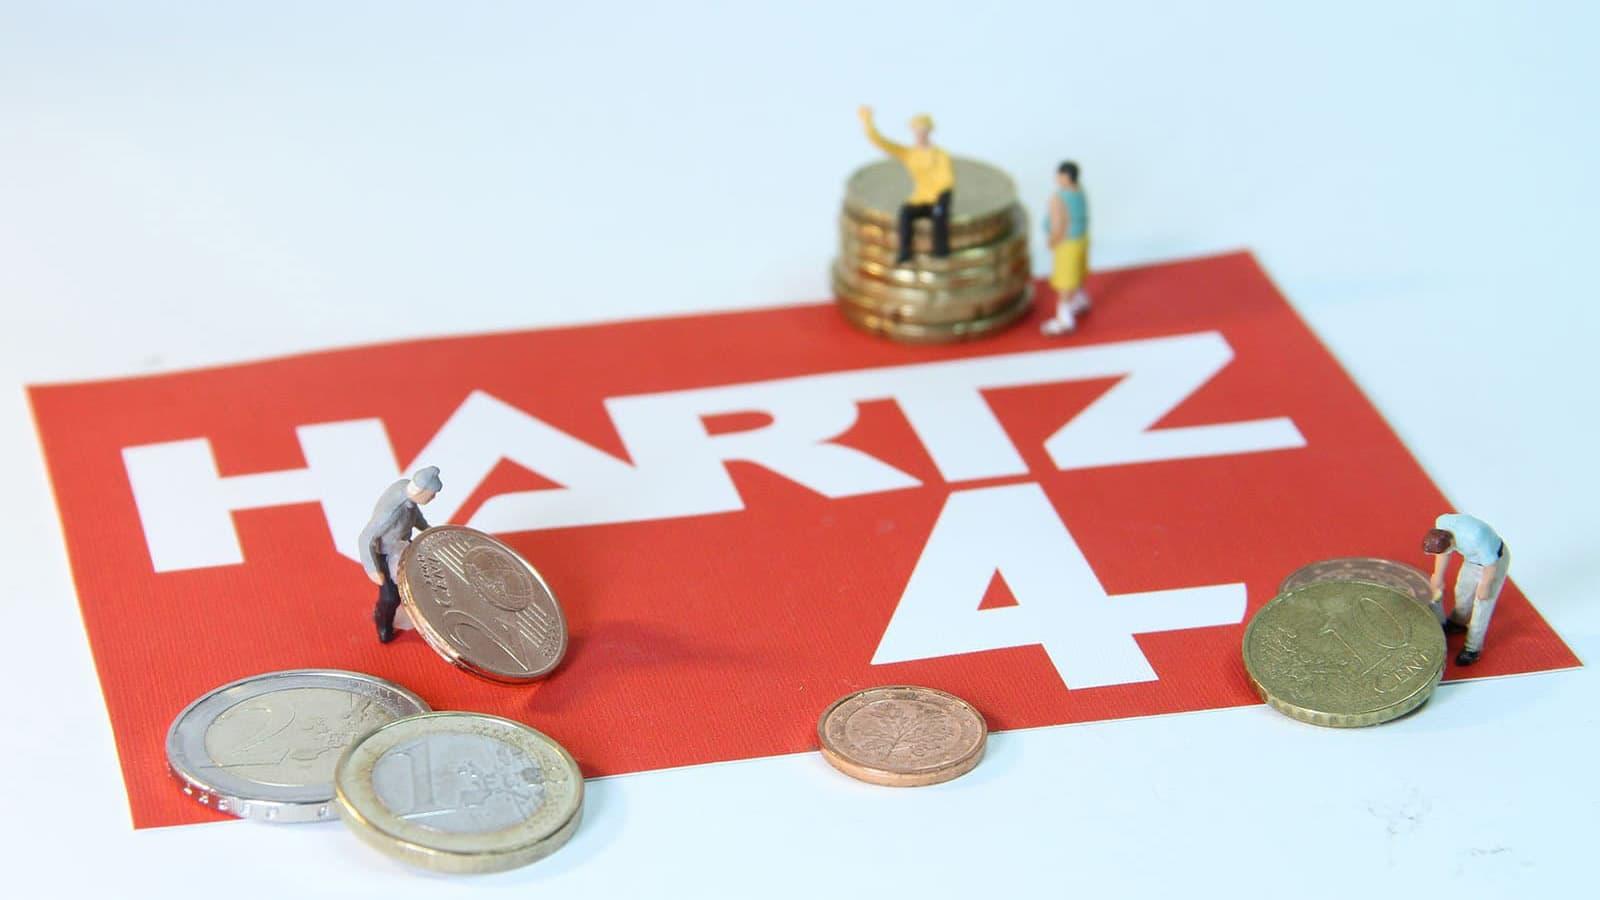 Kann man in Zeiten von Hartz 4 noch beruflich zufrieden sein?